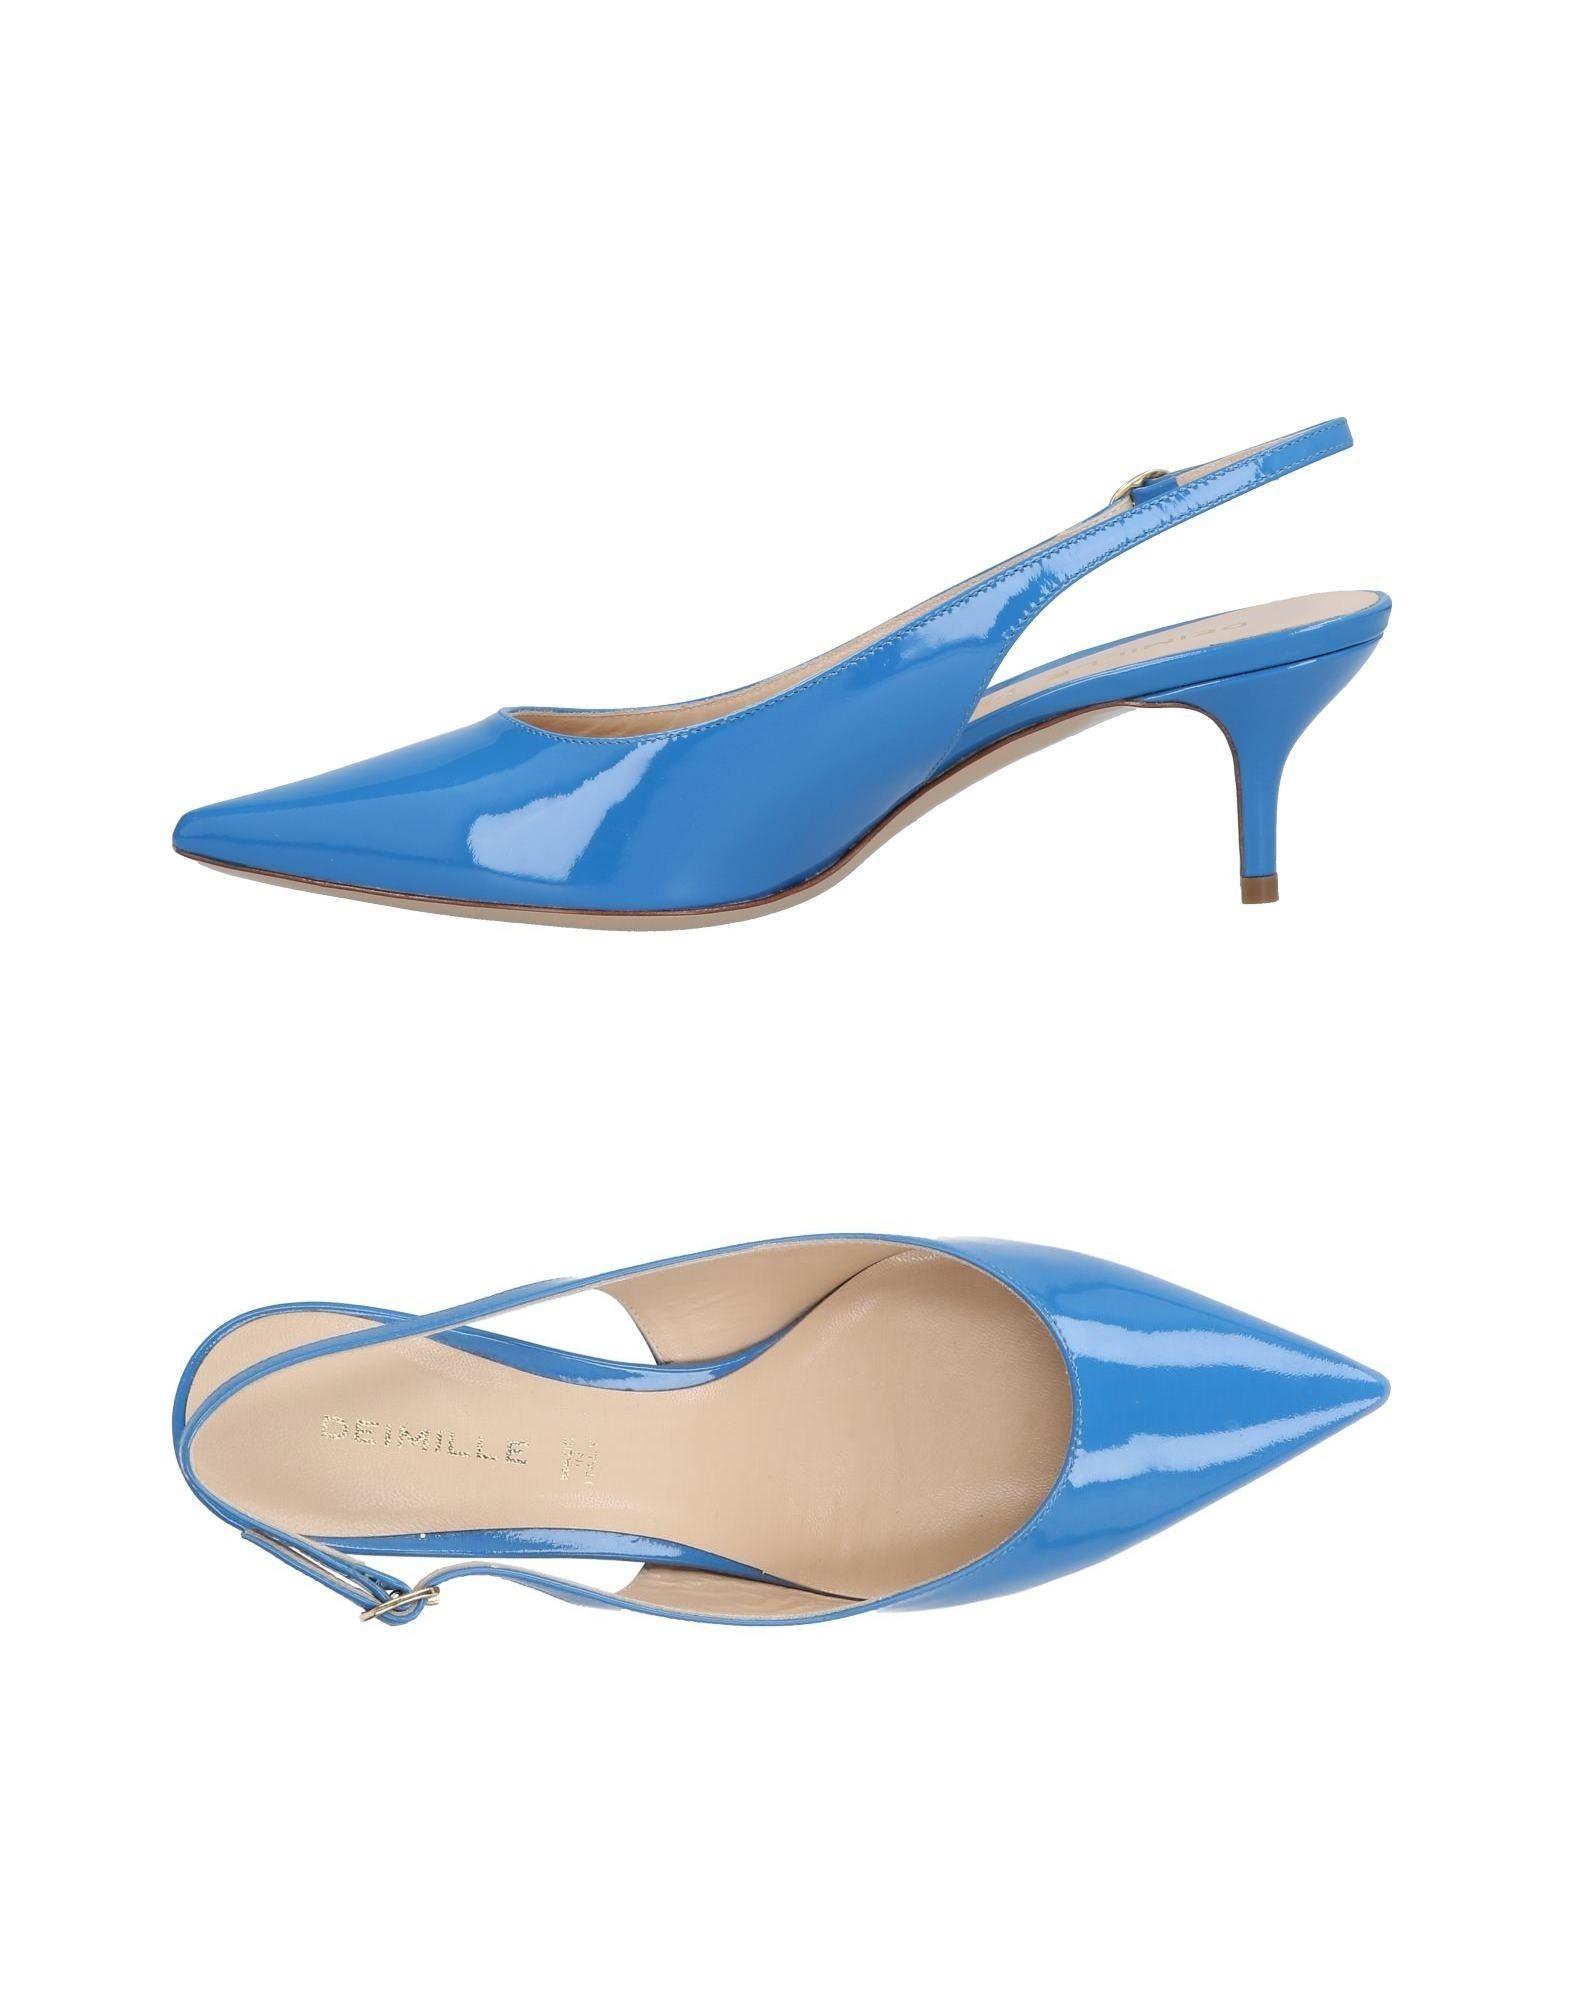 Escarpins Deimille Deimille Femme - Escarpins Deimille Escarpins Bleu Meilleur modèle de vente ecf996